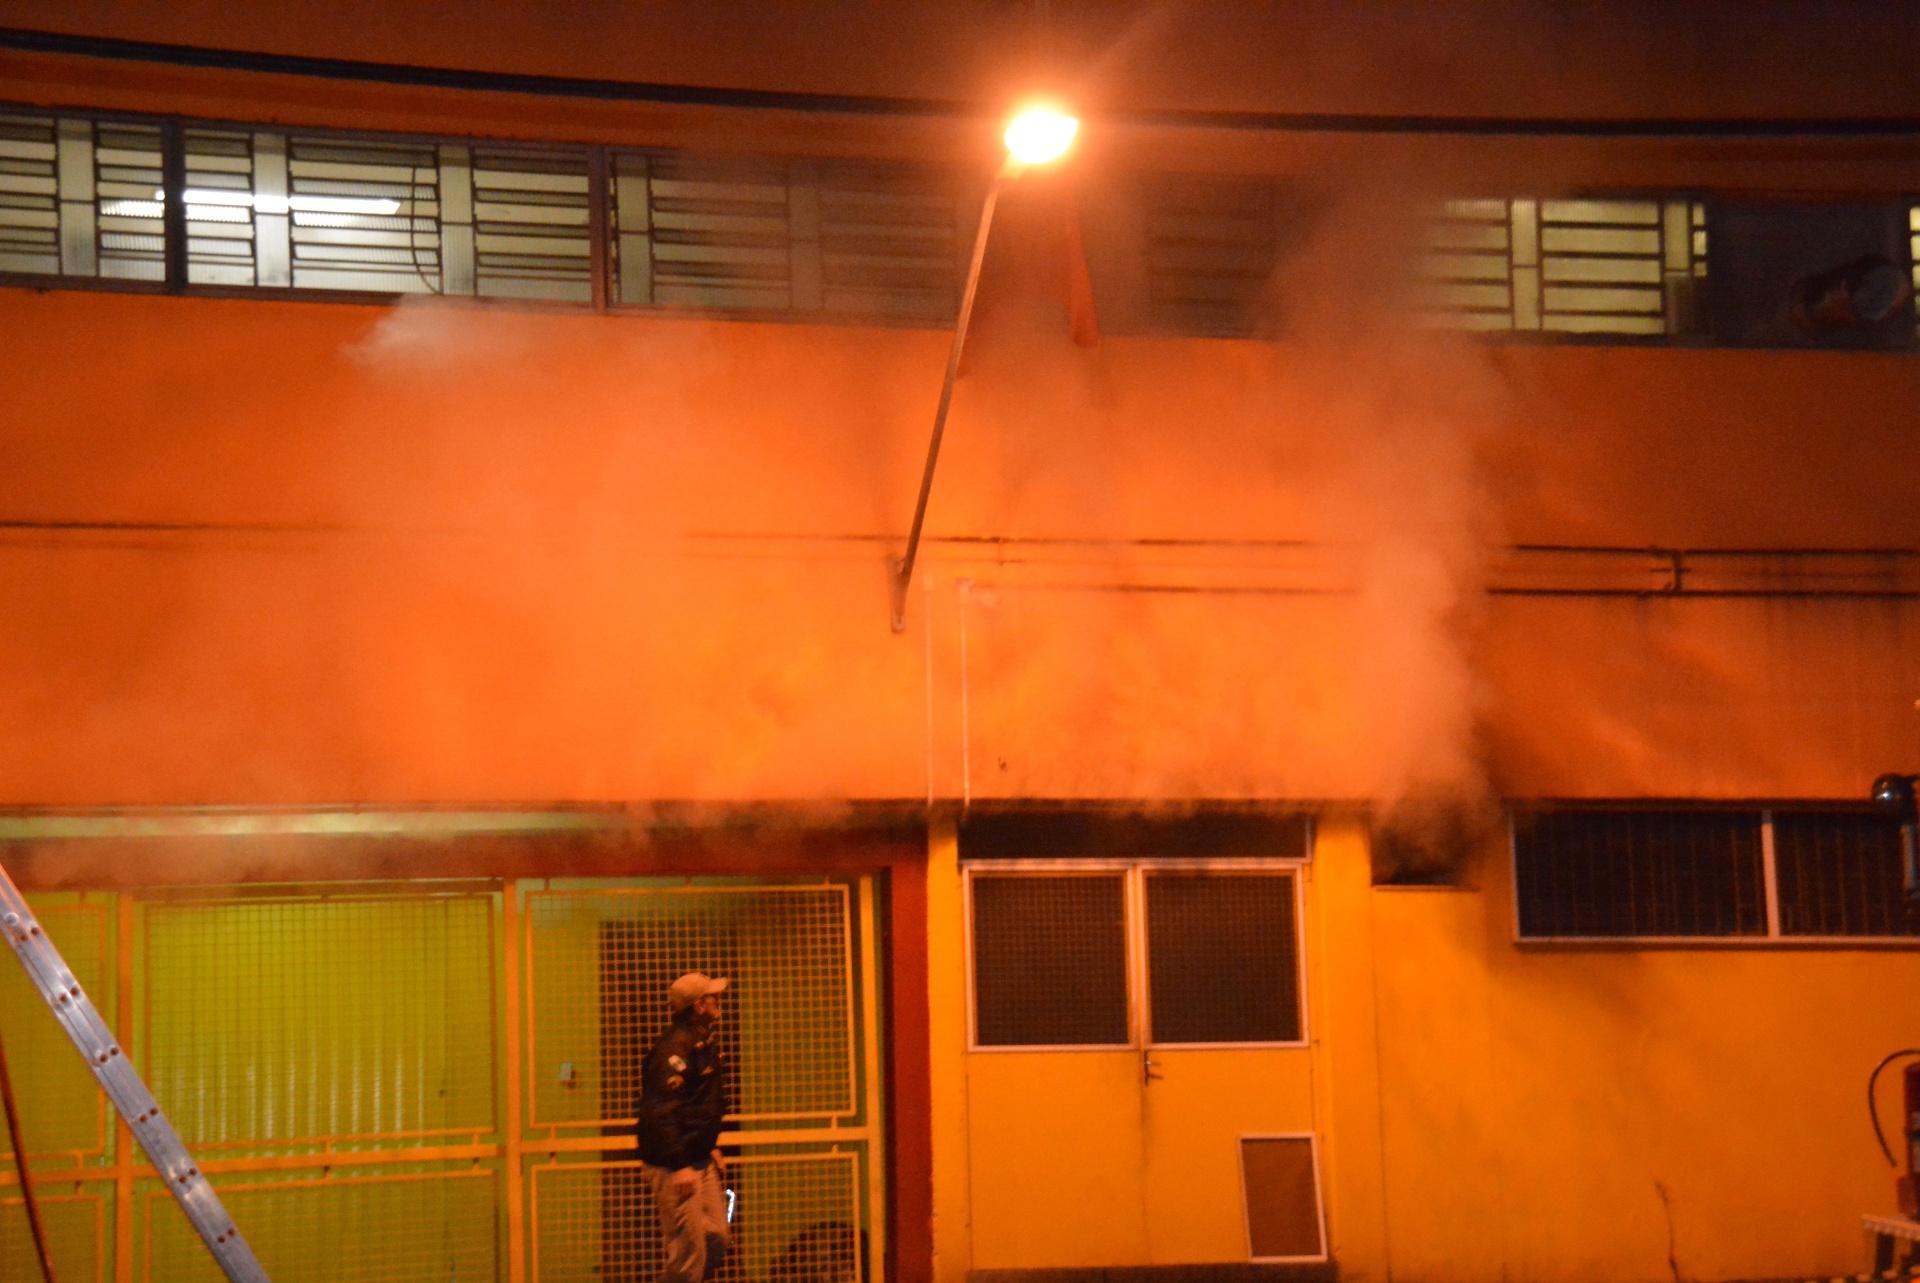 25.jun.2016 - Uma das maiores panificadoras e confeitarias de Curitiba (PR), situada na rua Anita Garibaldi, região do bairro Ahu, pegou fogo na madrugada. O fogo teria começado no local onde ficava armazenado os materiais recicláveis do estabelecimento